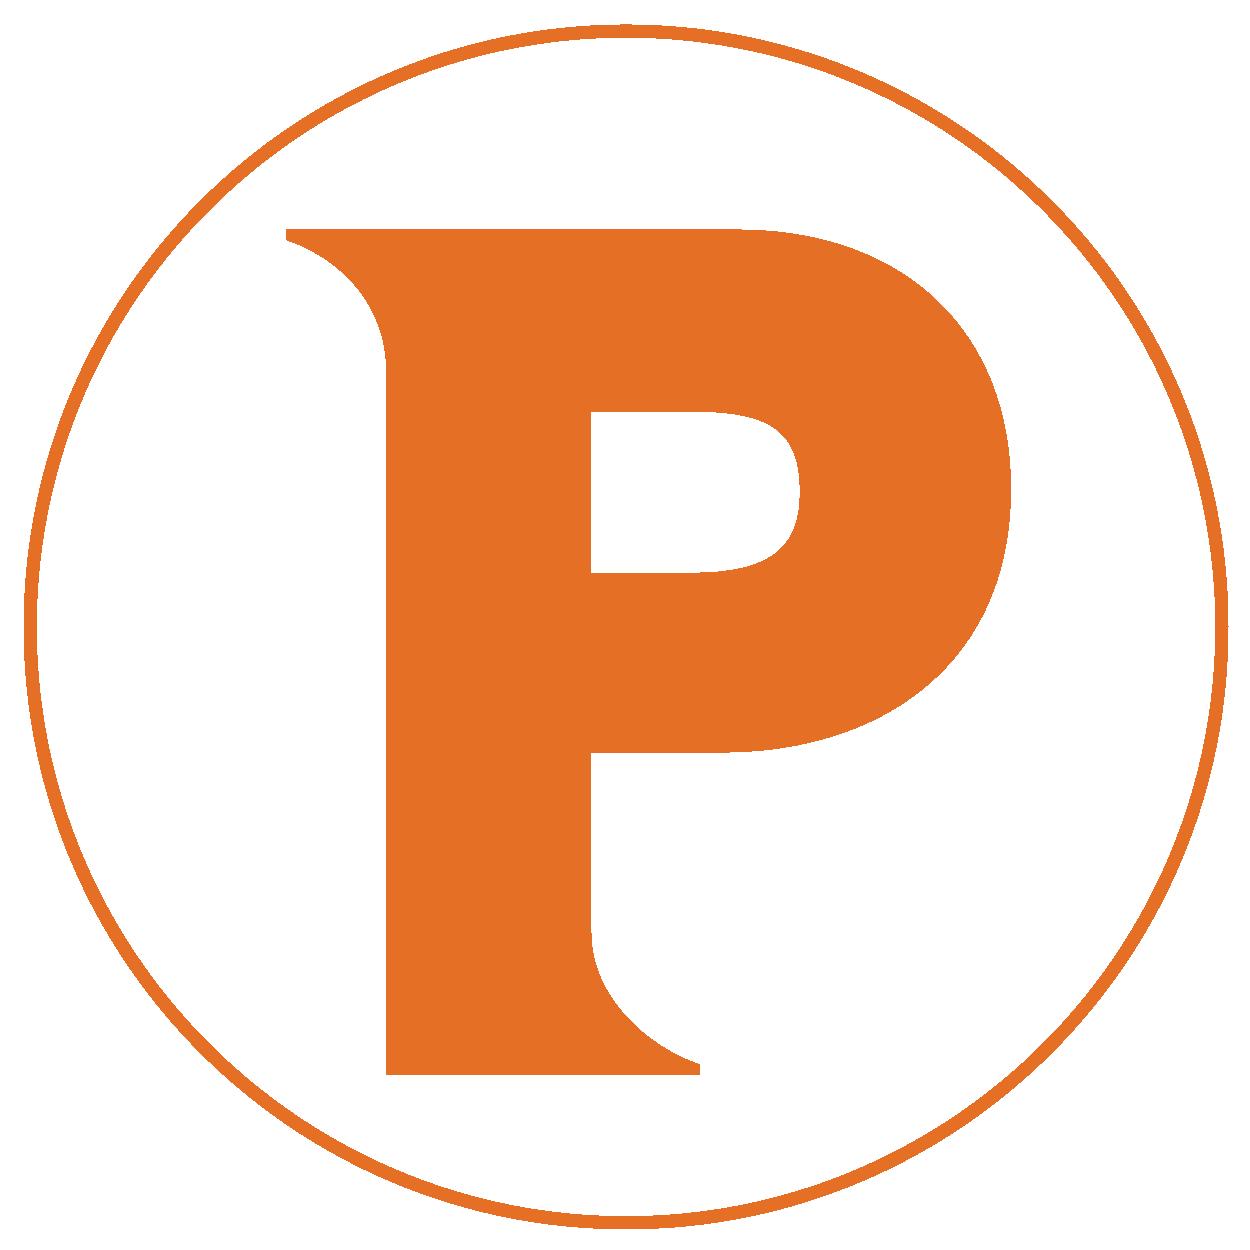 square-p-01